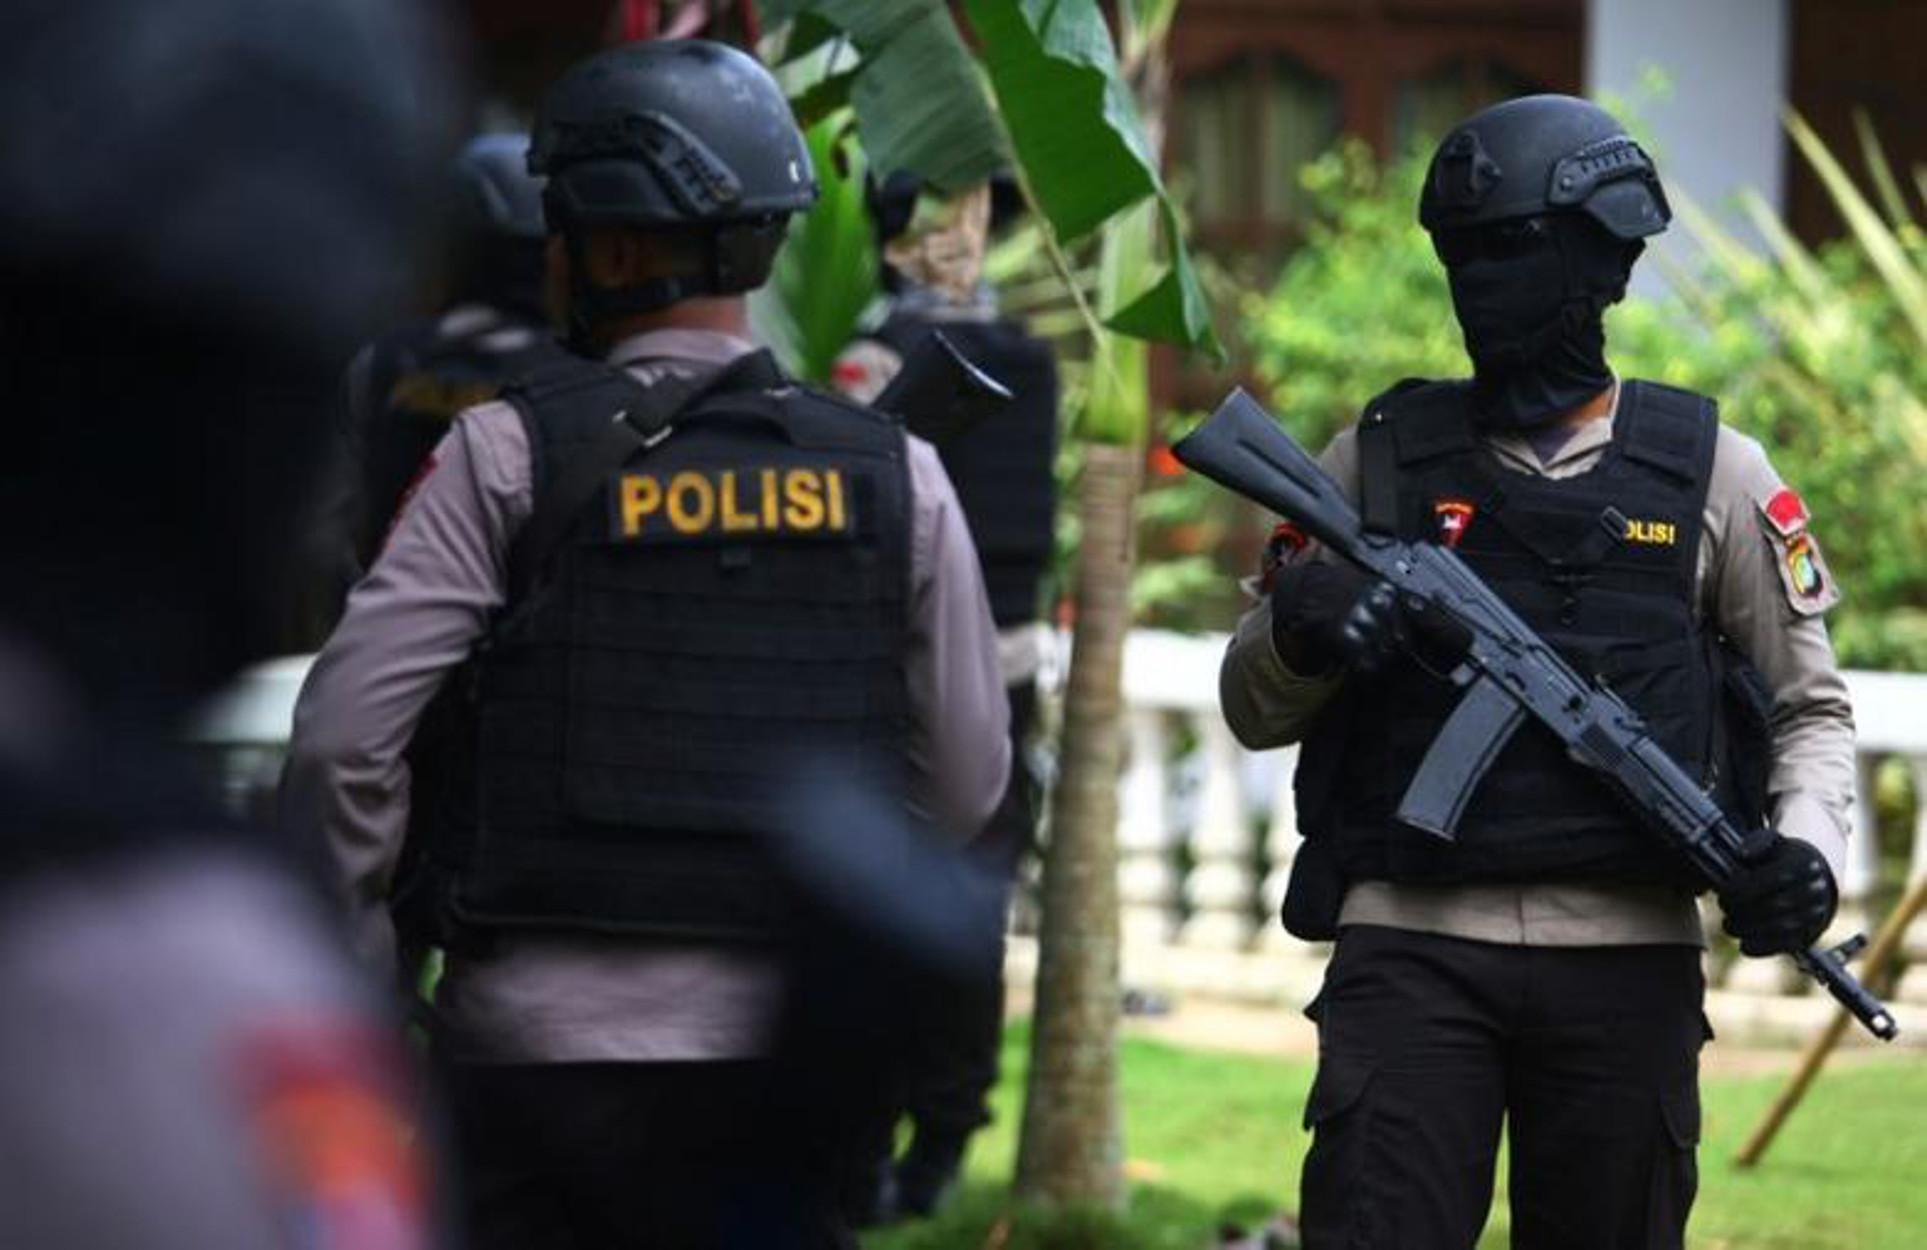 Ινδονησία: Σκοτώθηκε ο ηγέτης των Μουτζαχεντίν – Είχε διασυνδέσεις και με το Ισλαμικό Κράτος